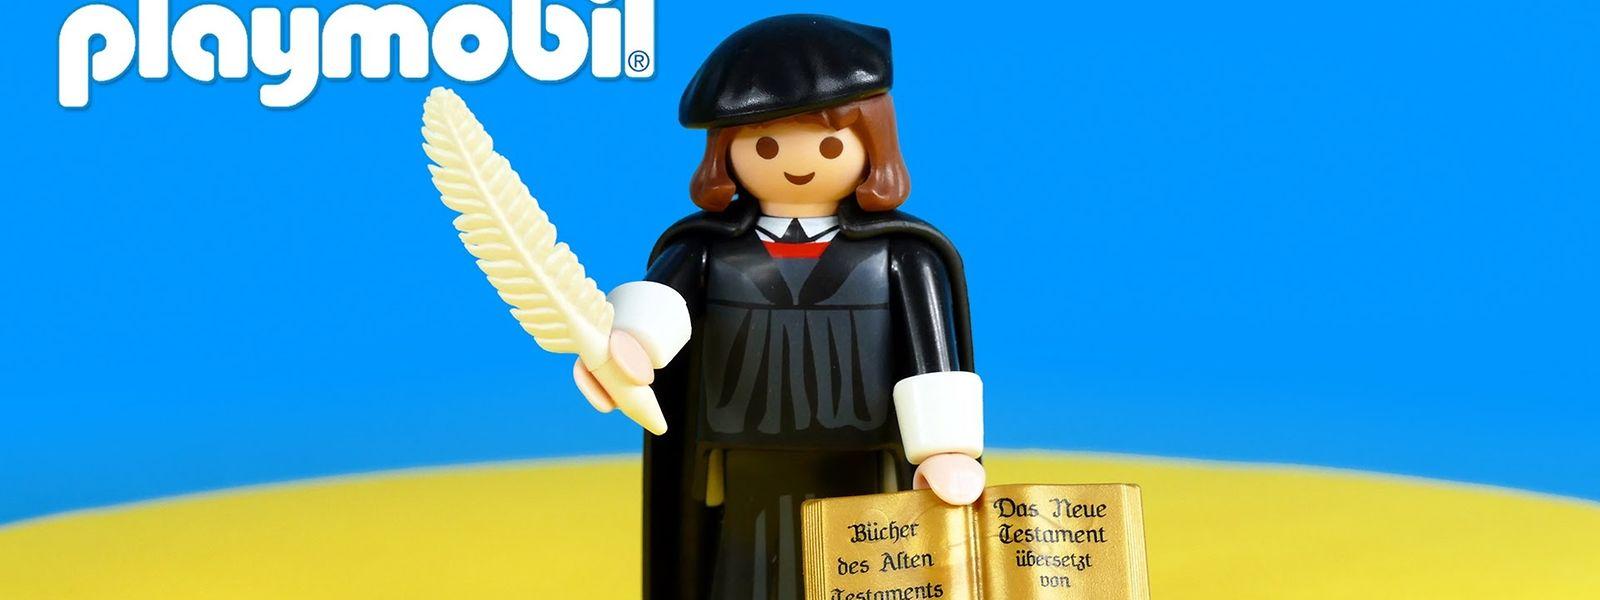 Der Mini-Luther ist die erfolgreichste Playmobil-Figur aller Zeiten.